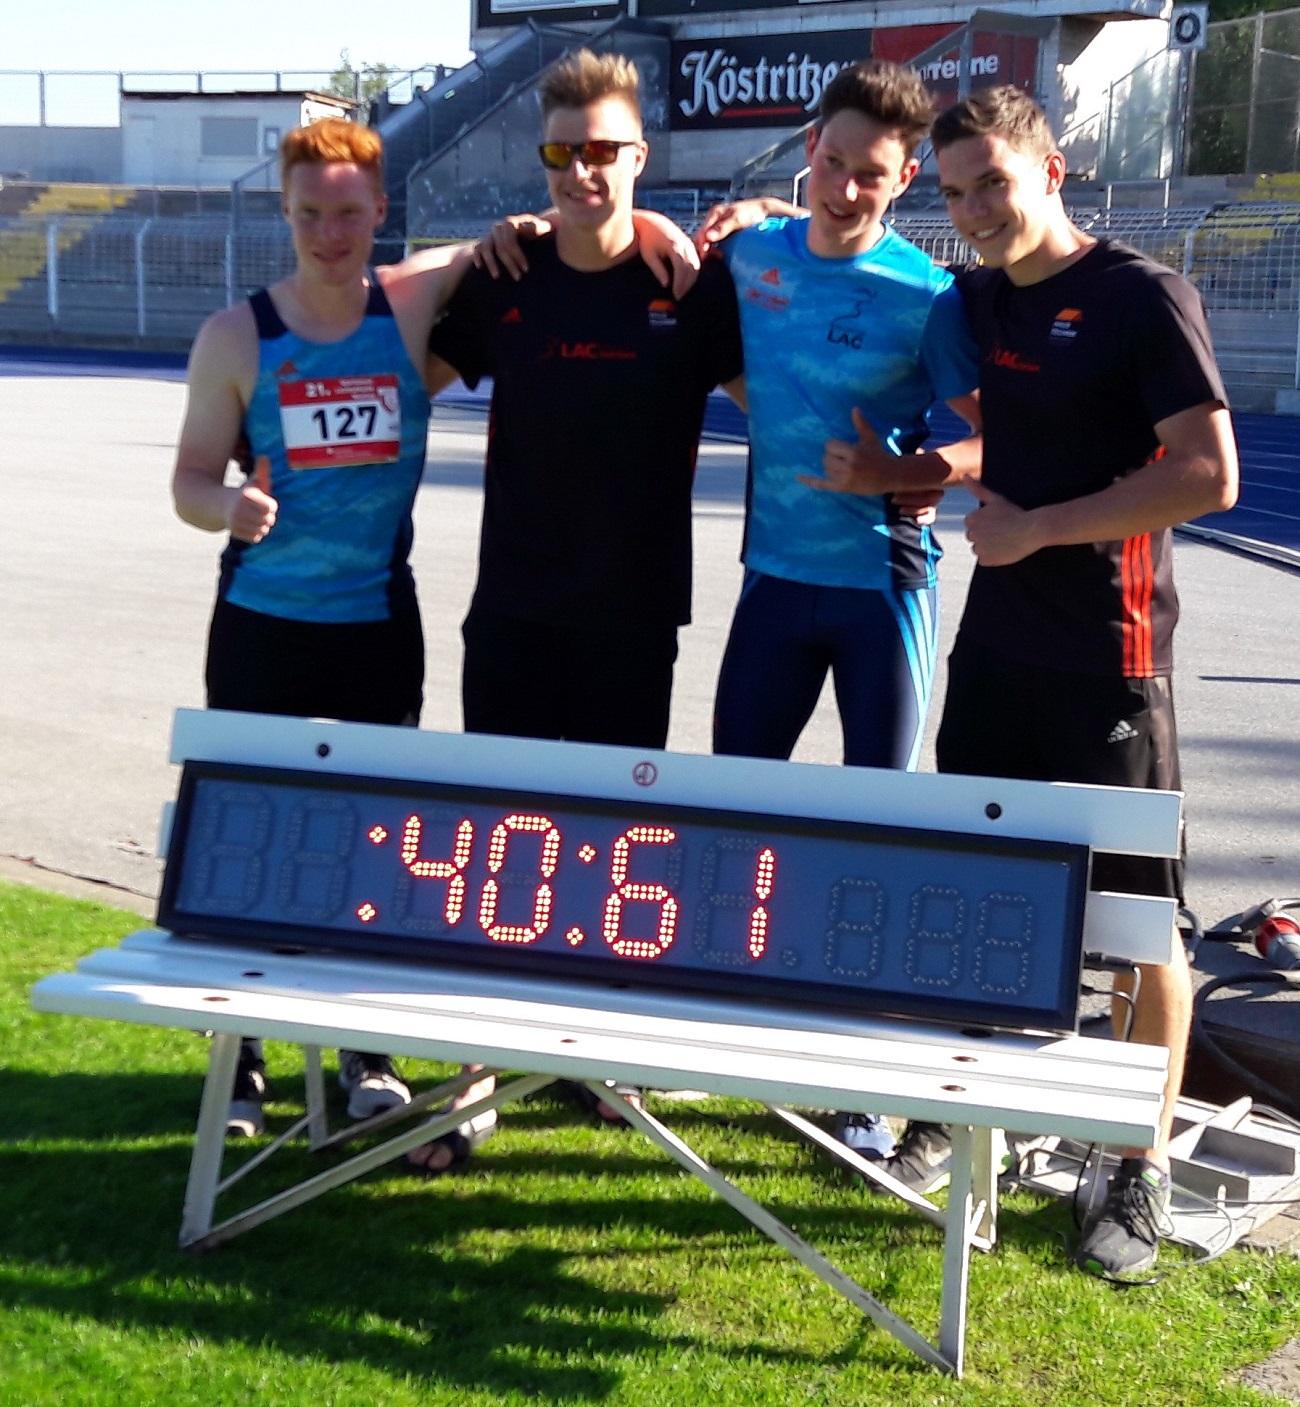 Rekord Staffel Jugend U20 4x100m